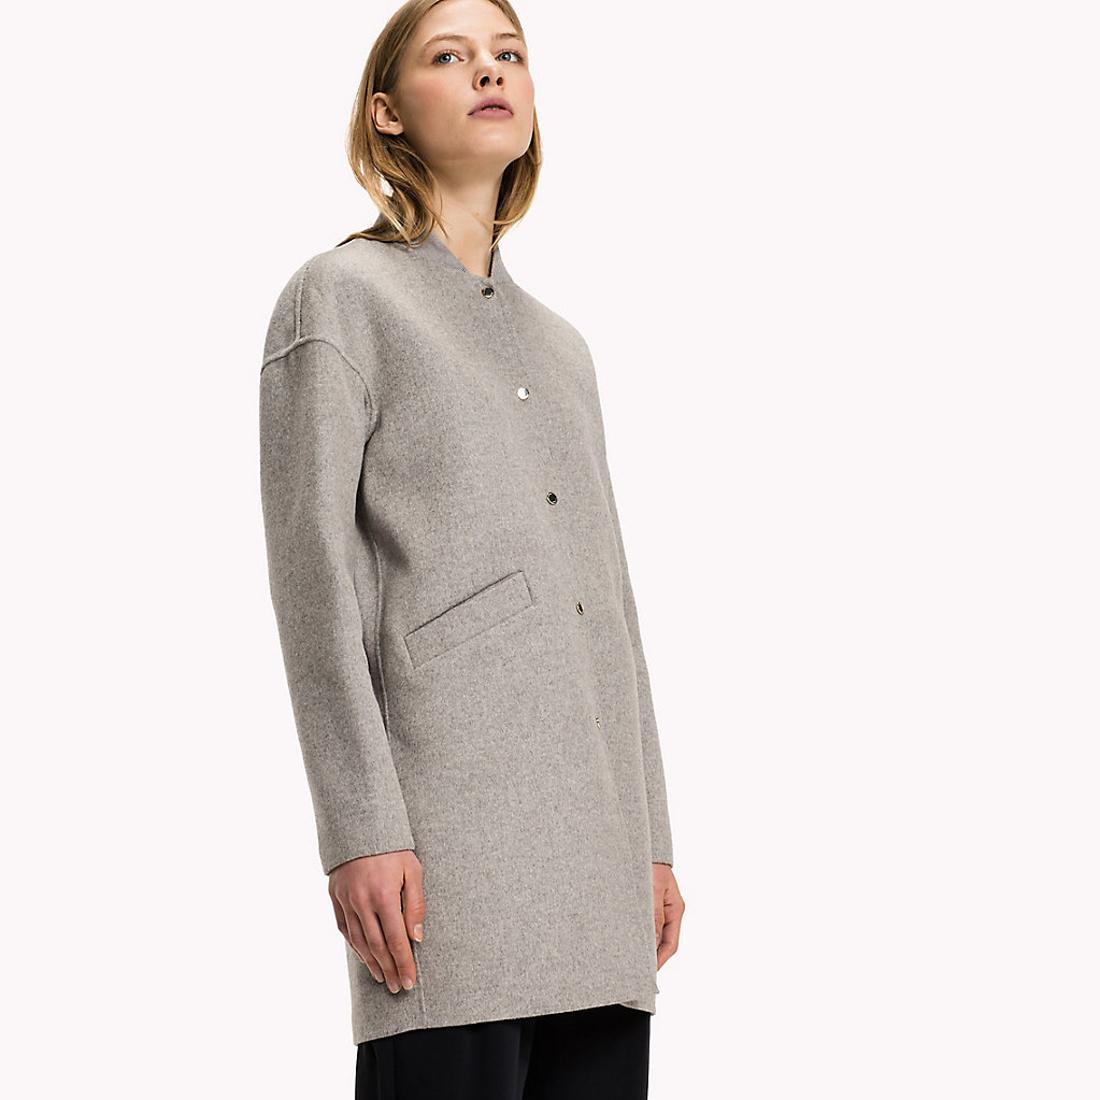 Tommy Hilfiger dámský šedý kabát Carmen - Mode.cz 200f3805480